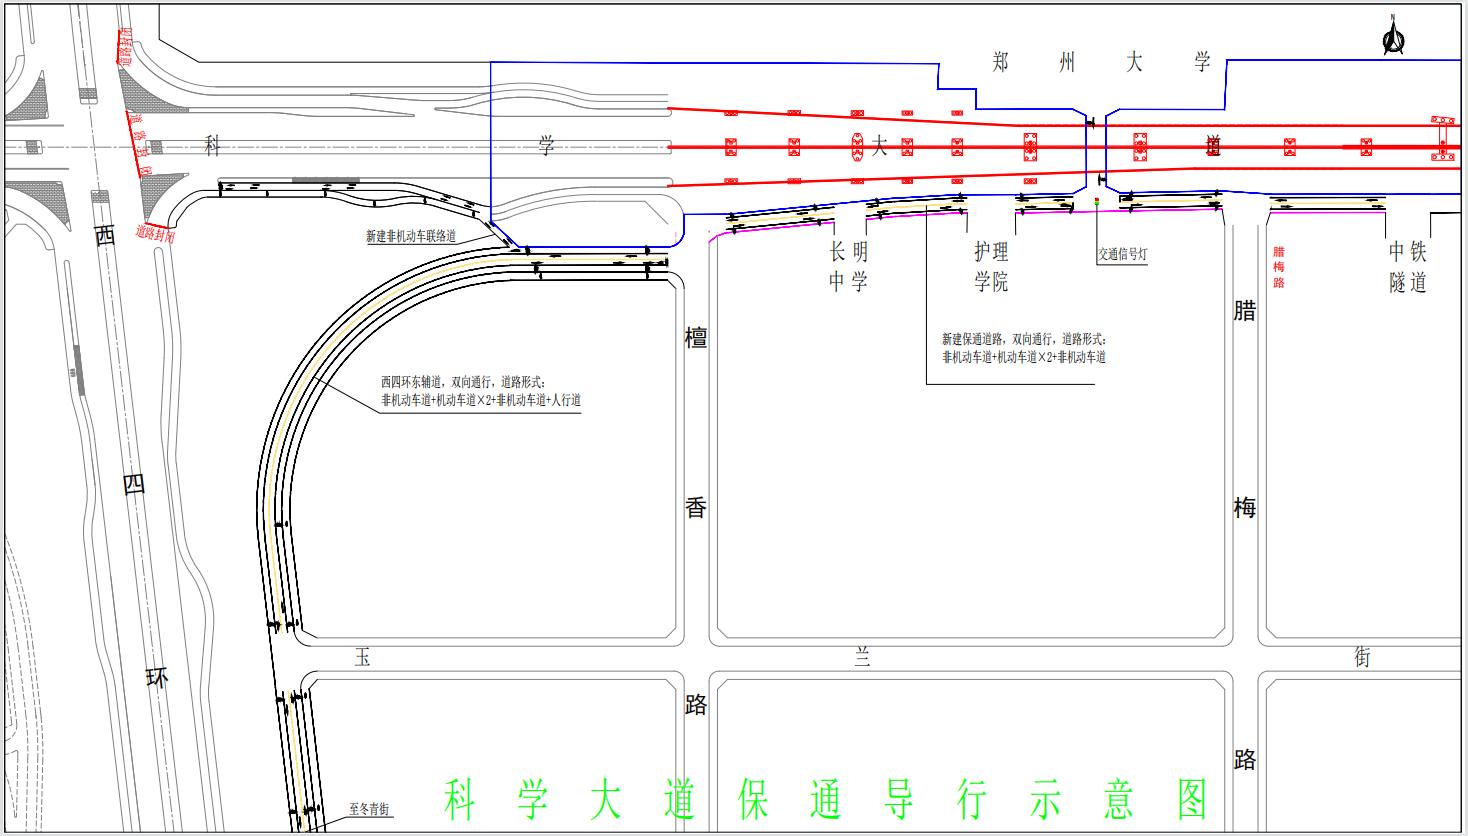 紧急提醒!郑州西四环立交桥施工,这段路封闭半年